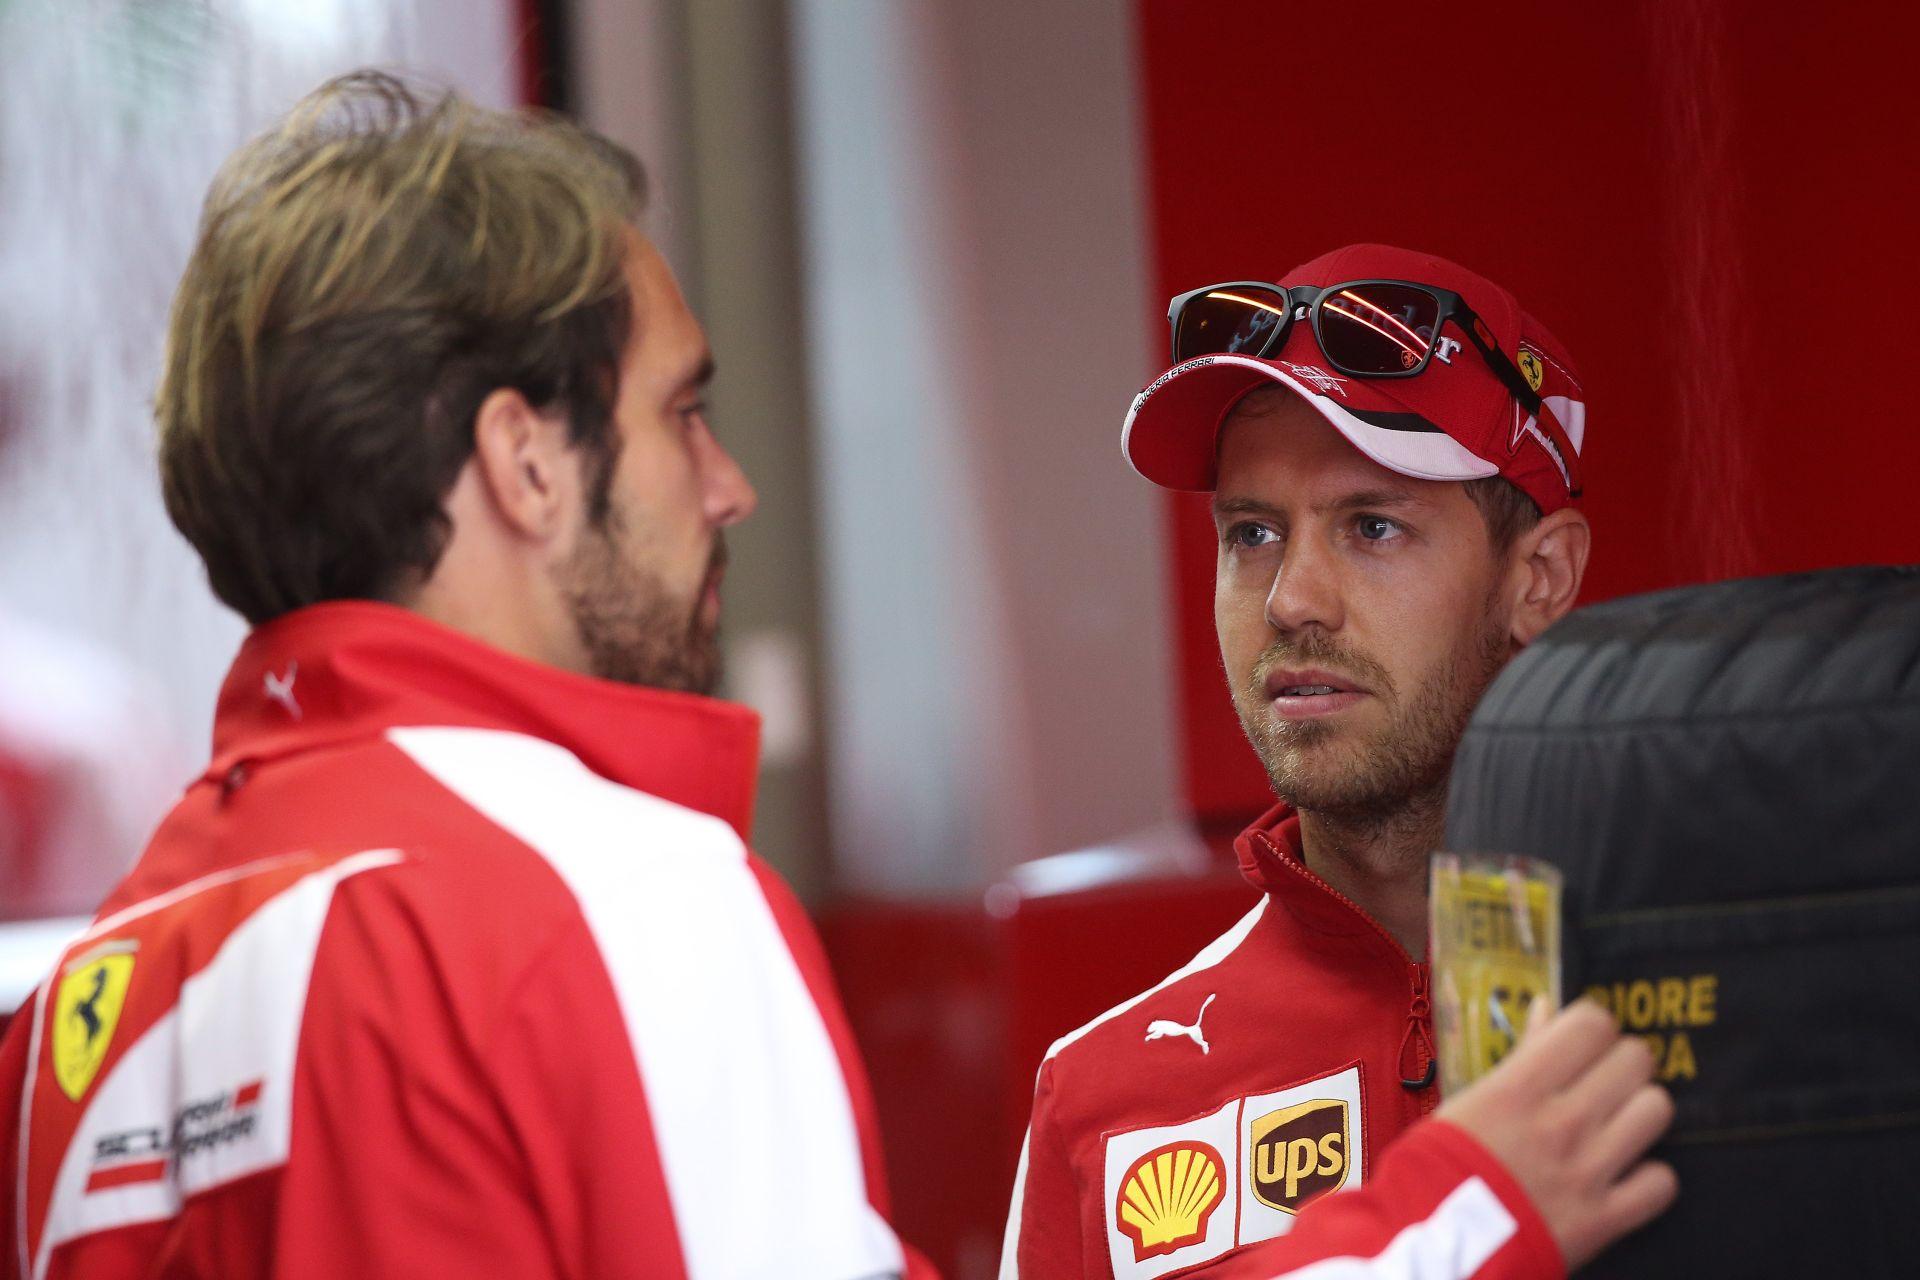 Vettel megnyerheti az Osztrák Nagydíjat? A Mercedes szerint igen